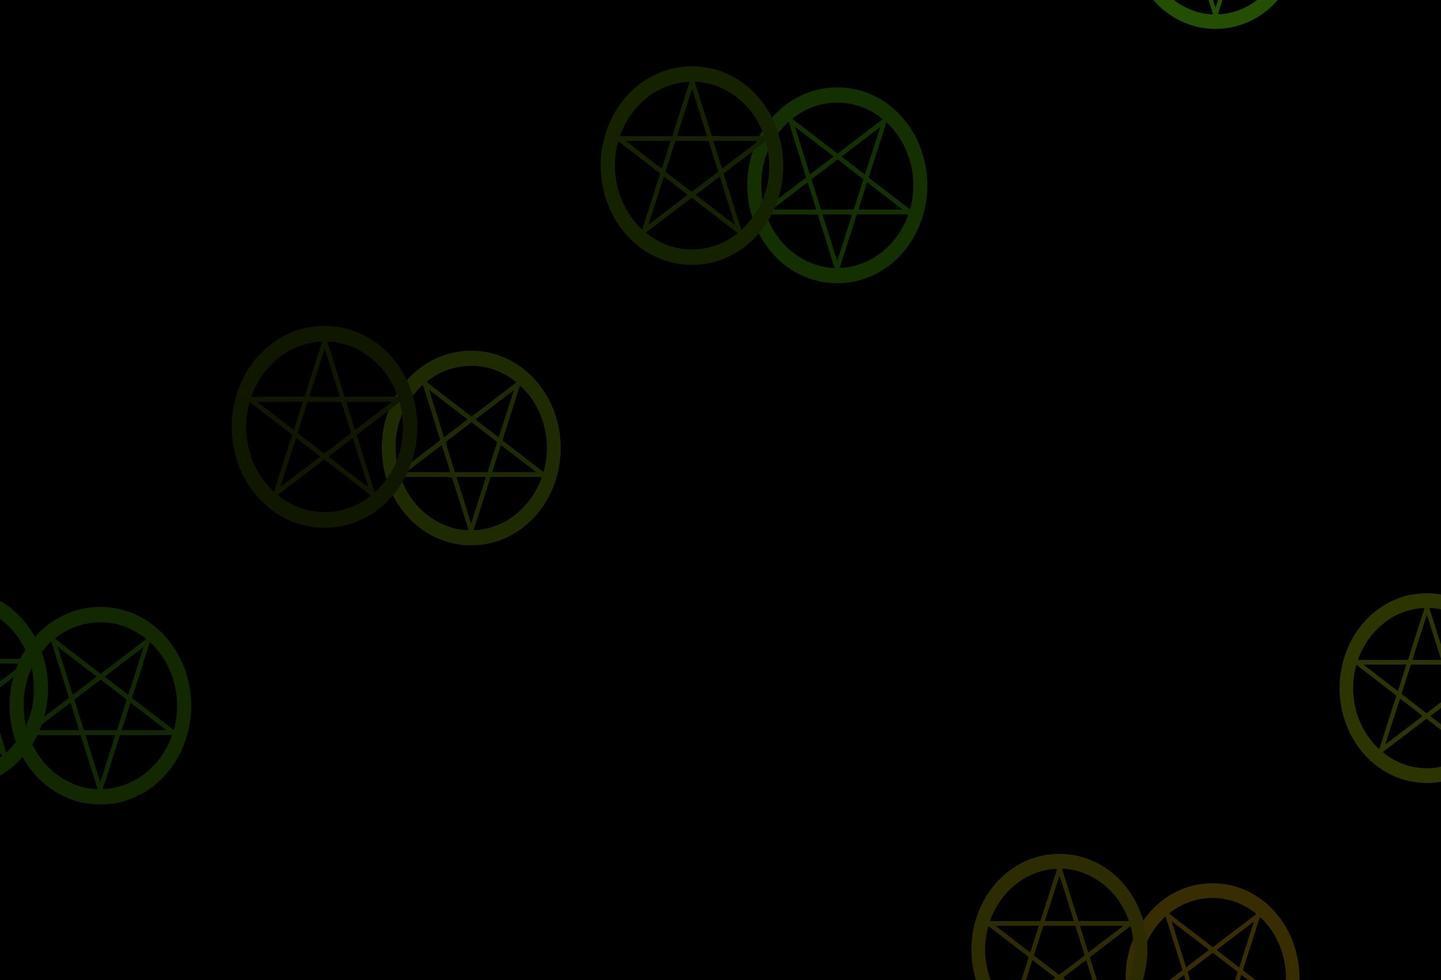 dunkelgrüner Vektorhintergrund mit okkulten Symbolen. vektor